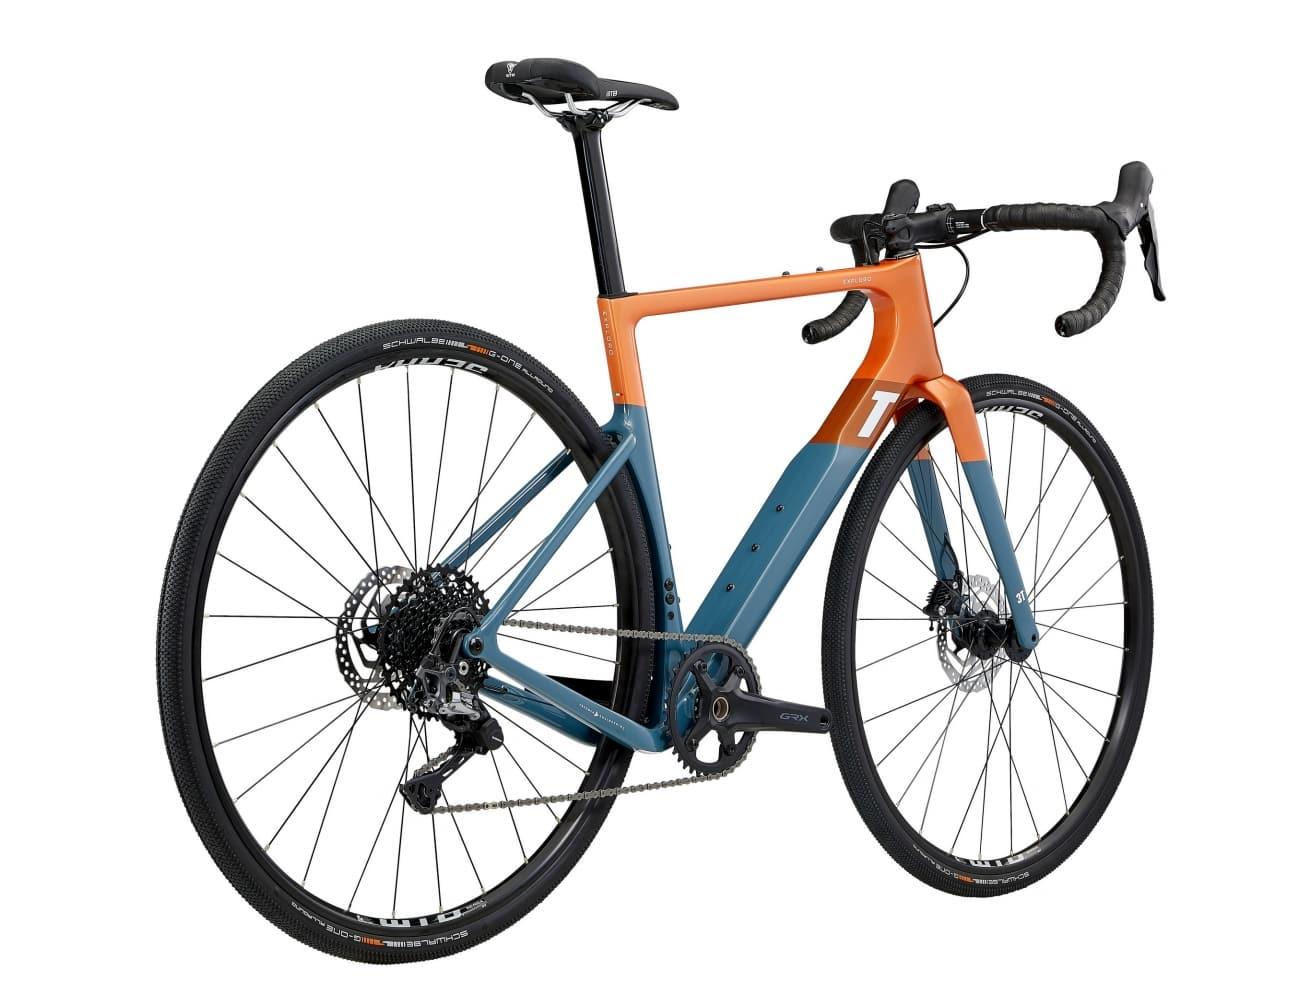 bicicleta carretera monoplato